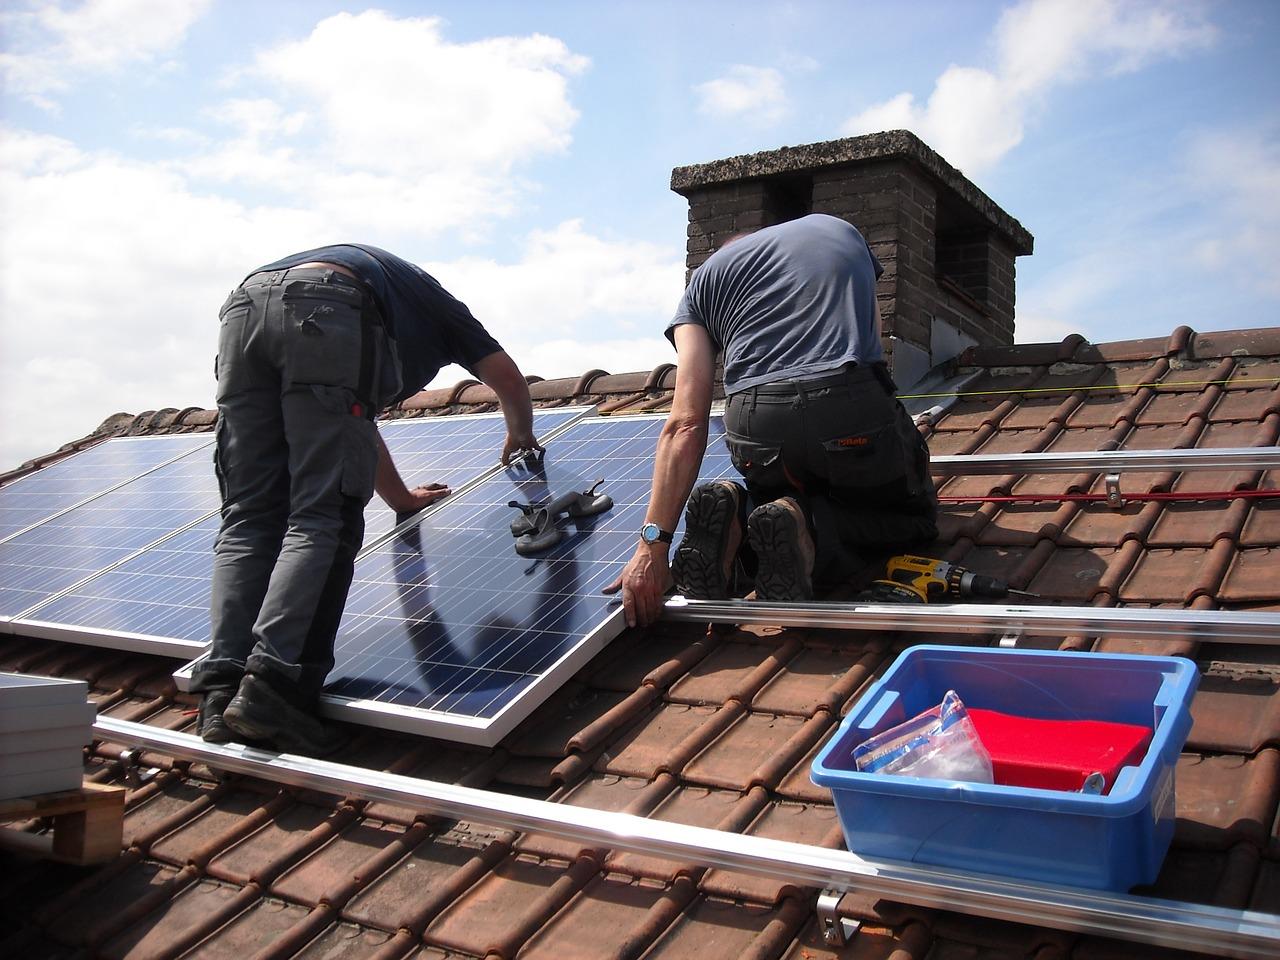 Aurinkopaneeli voidaan asentaa omakotitalon katolle helposti